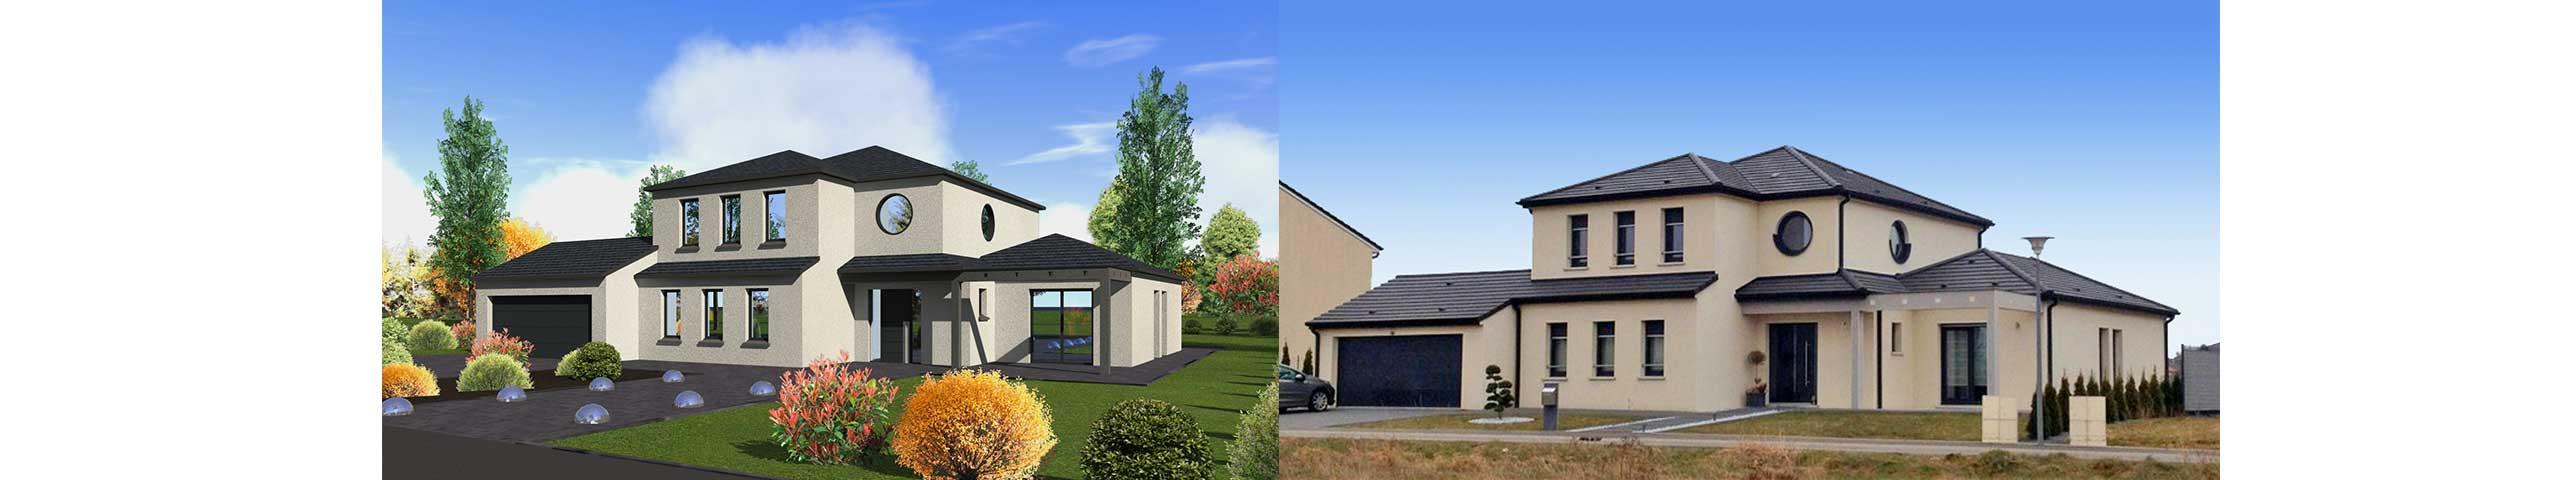 De-l-avant-projet-a-la-realisation Maison Geode